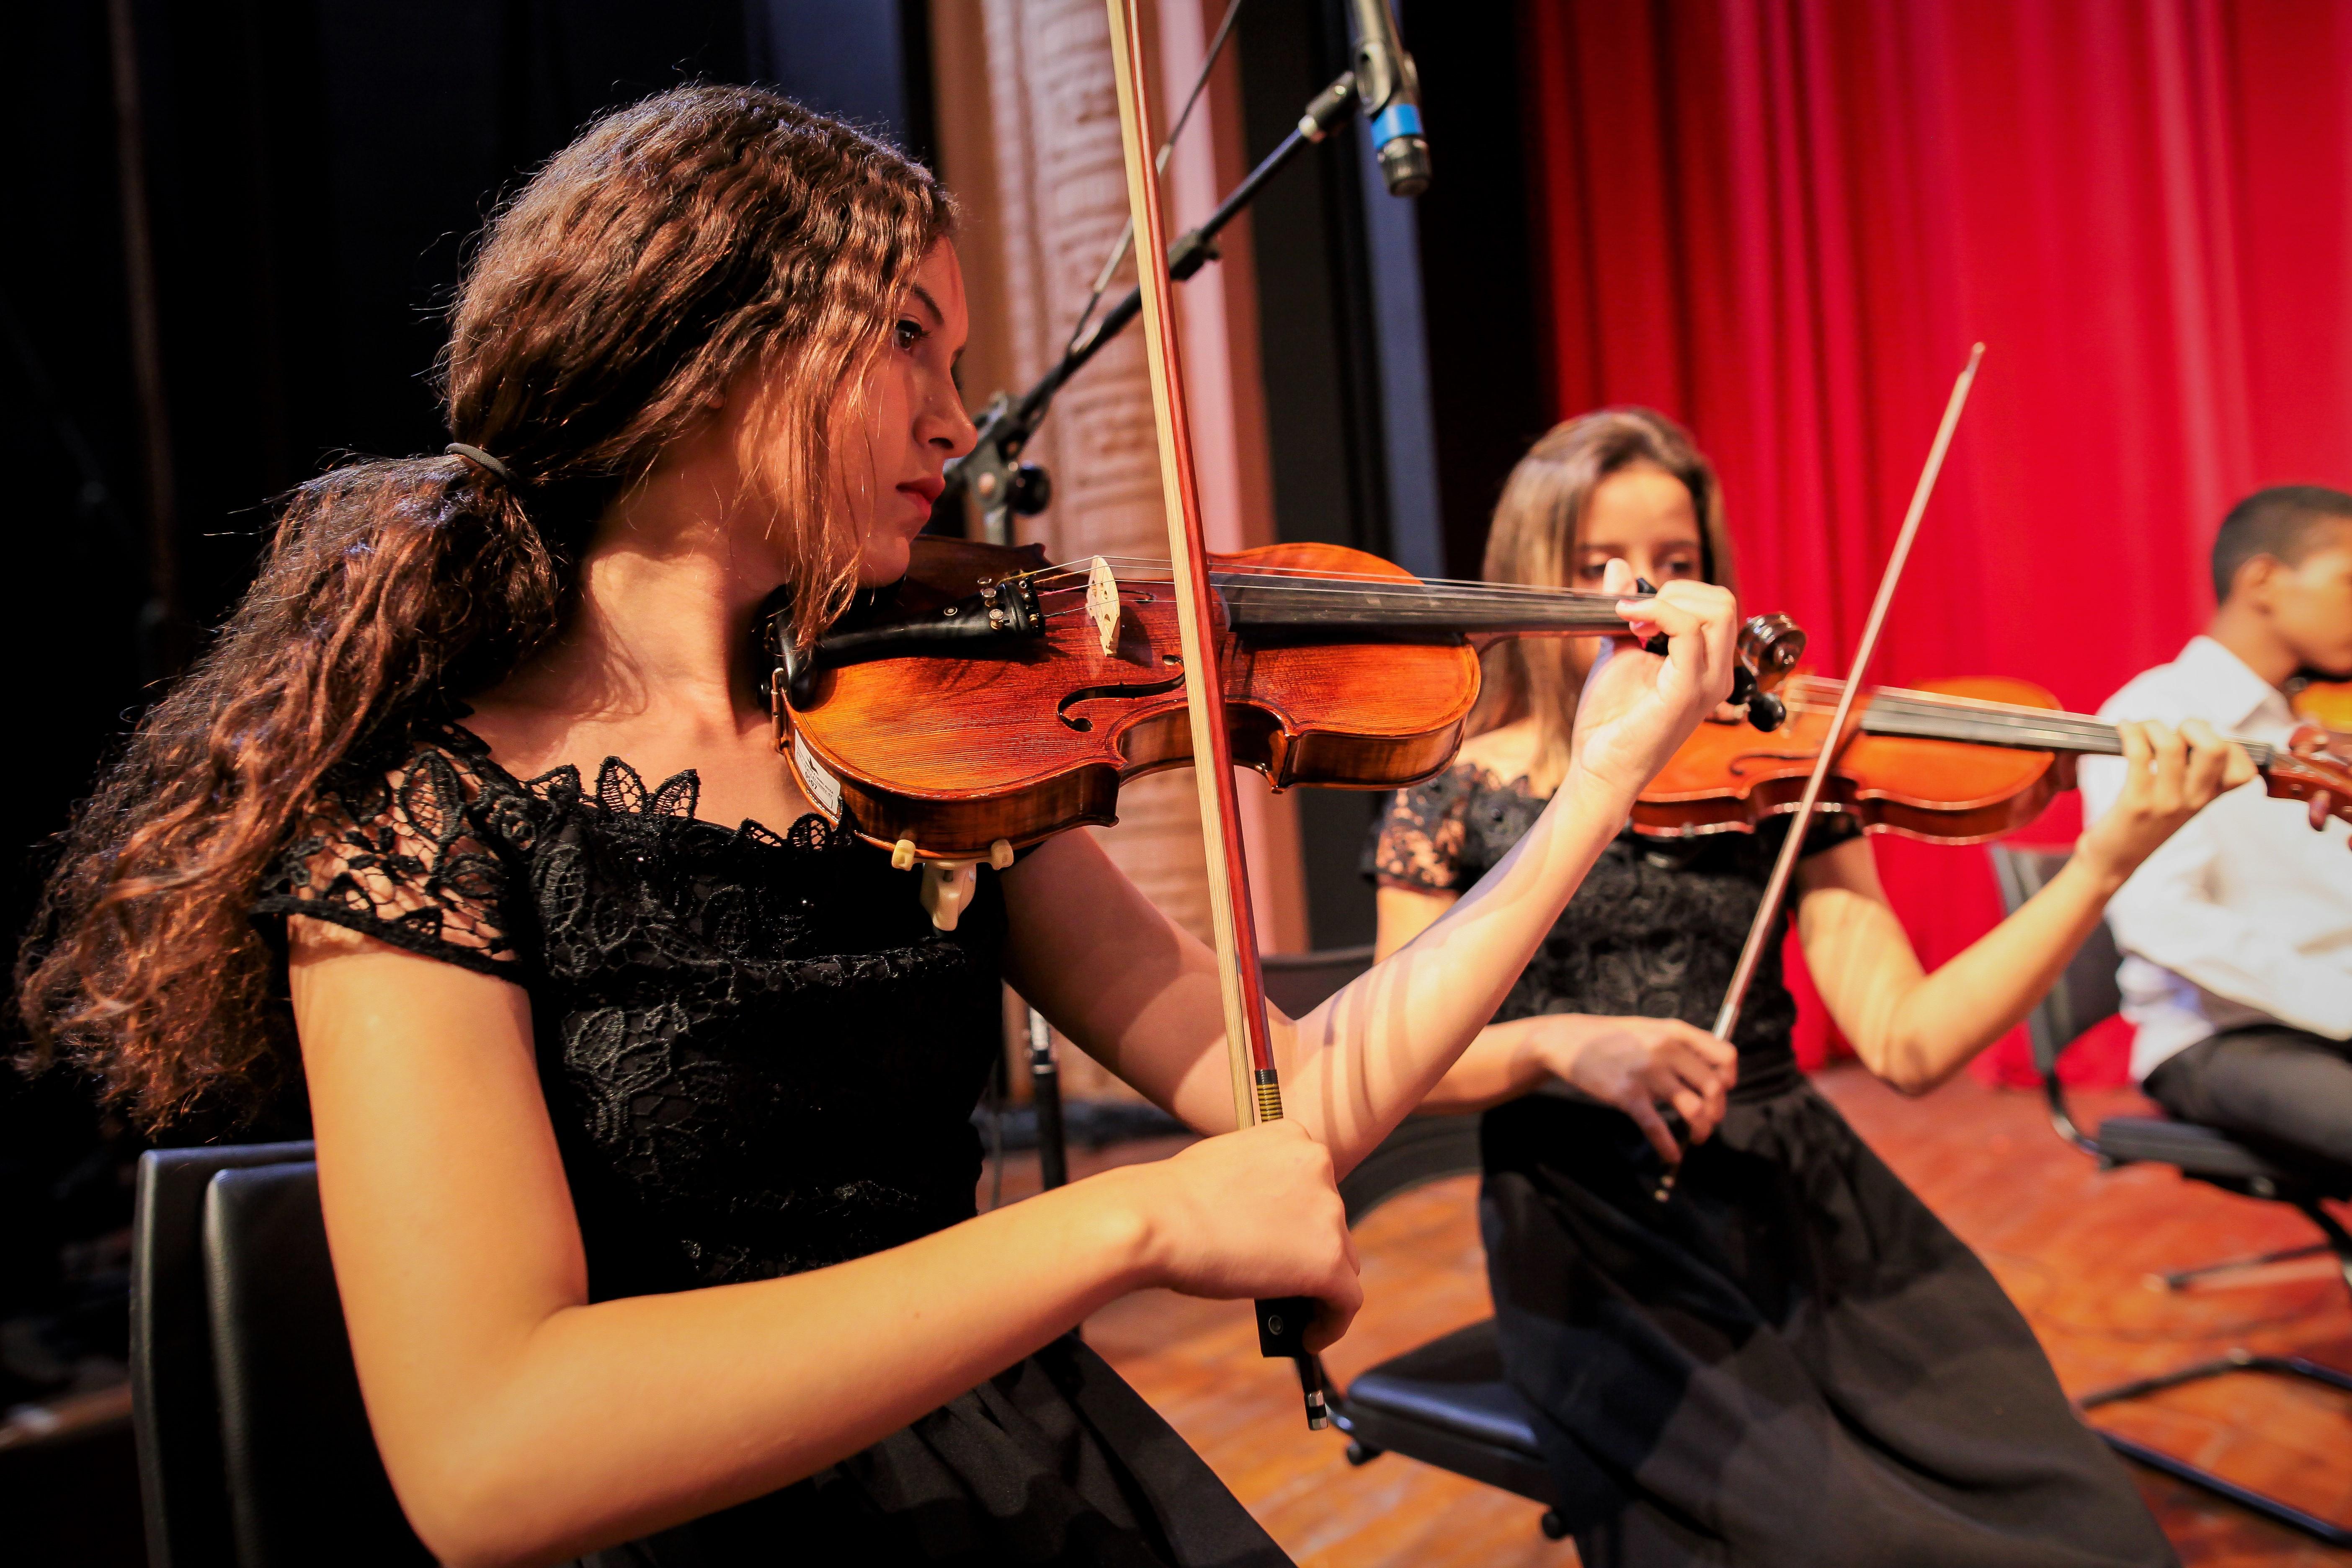 2cfedae342 IBLF realiza Concerto gratuito no Cineteatro São Luiz